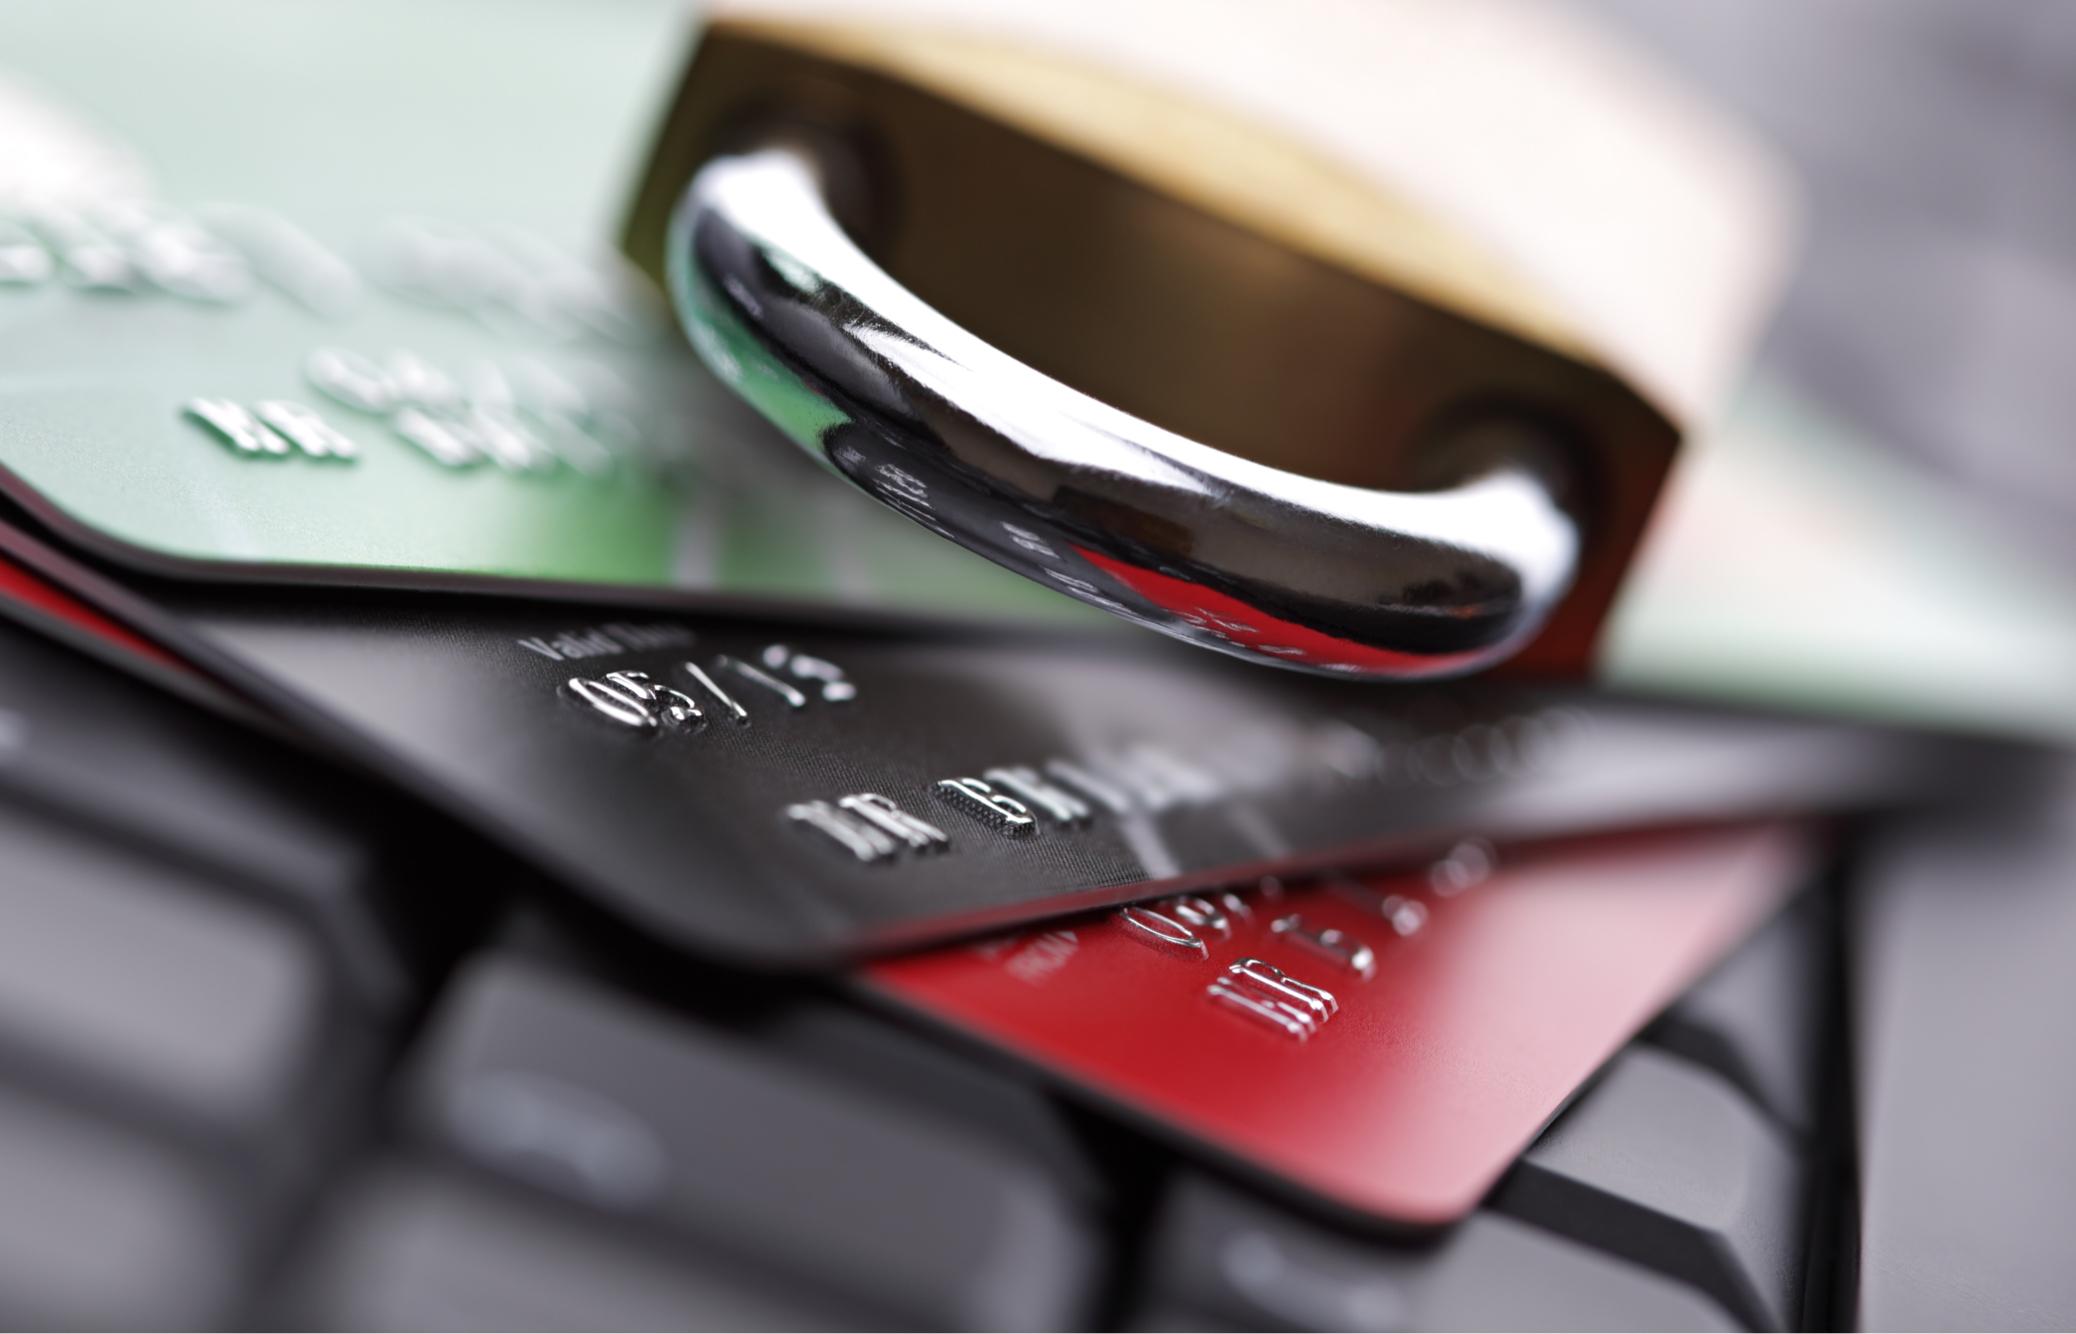 Créditos y candado sobre teclado